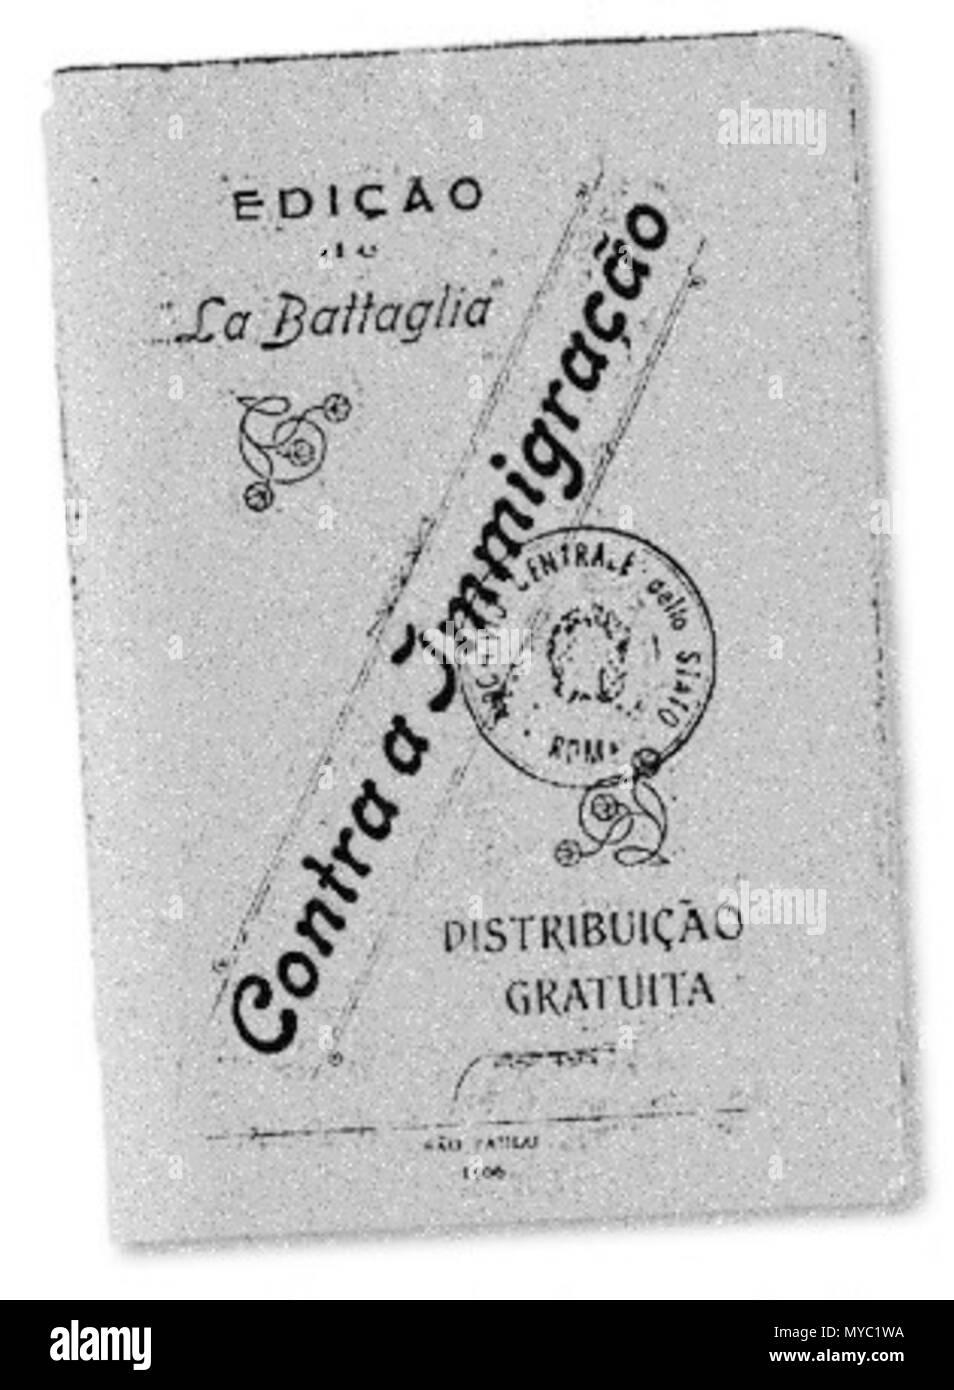 . Português: Edição da revista libertária La Battaglia editada por Oreste Ristori em 1906 . 1906. Oreste Ristori 122 ContraMigra - Stock Image